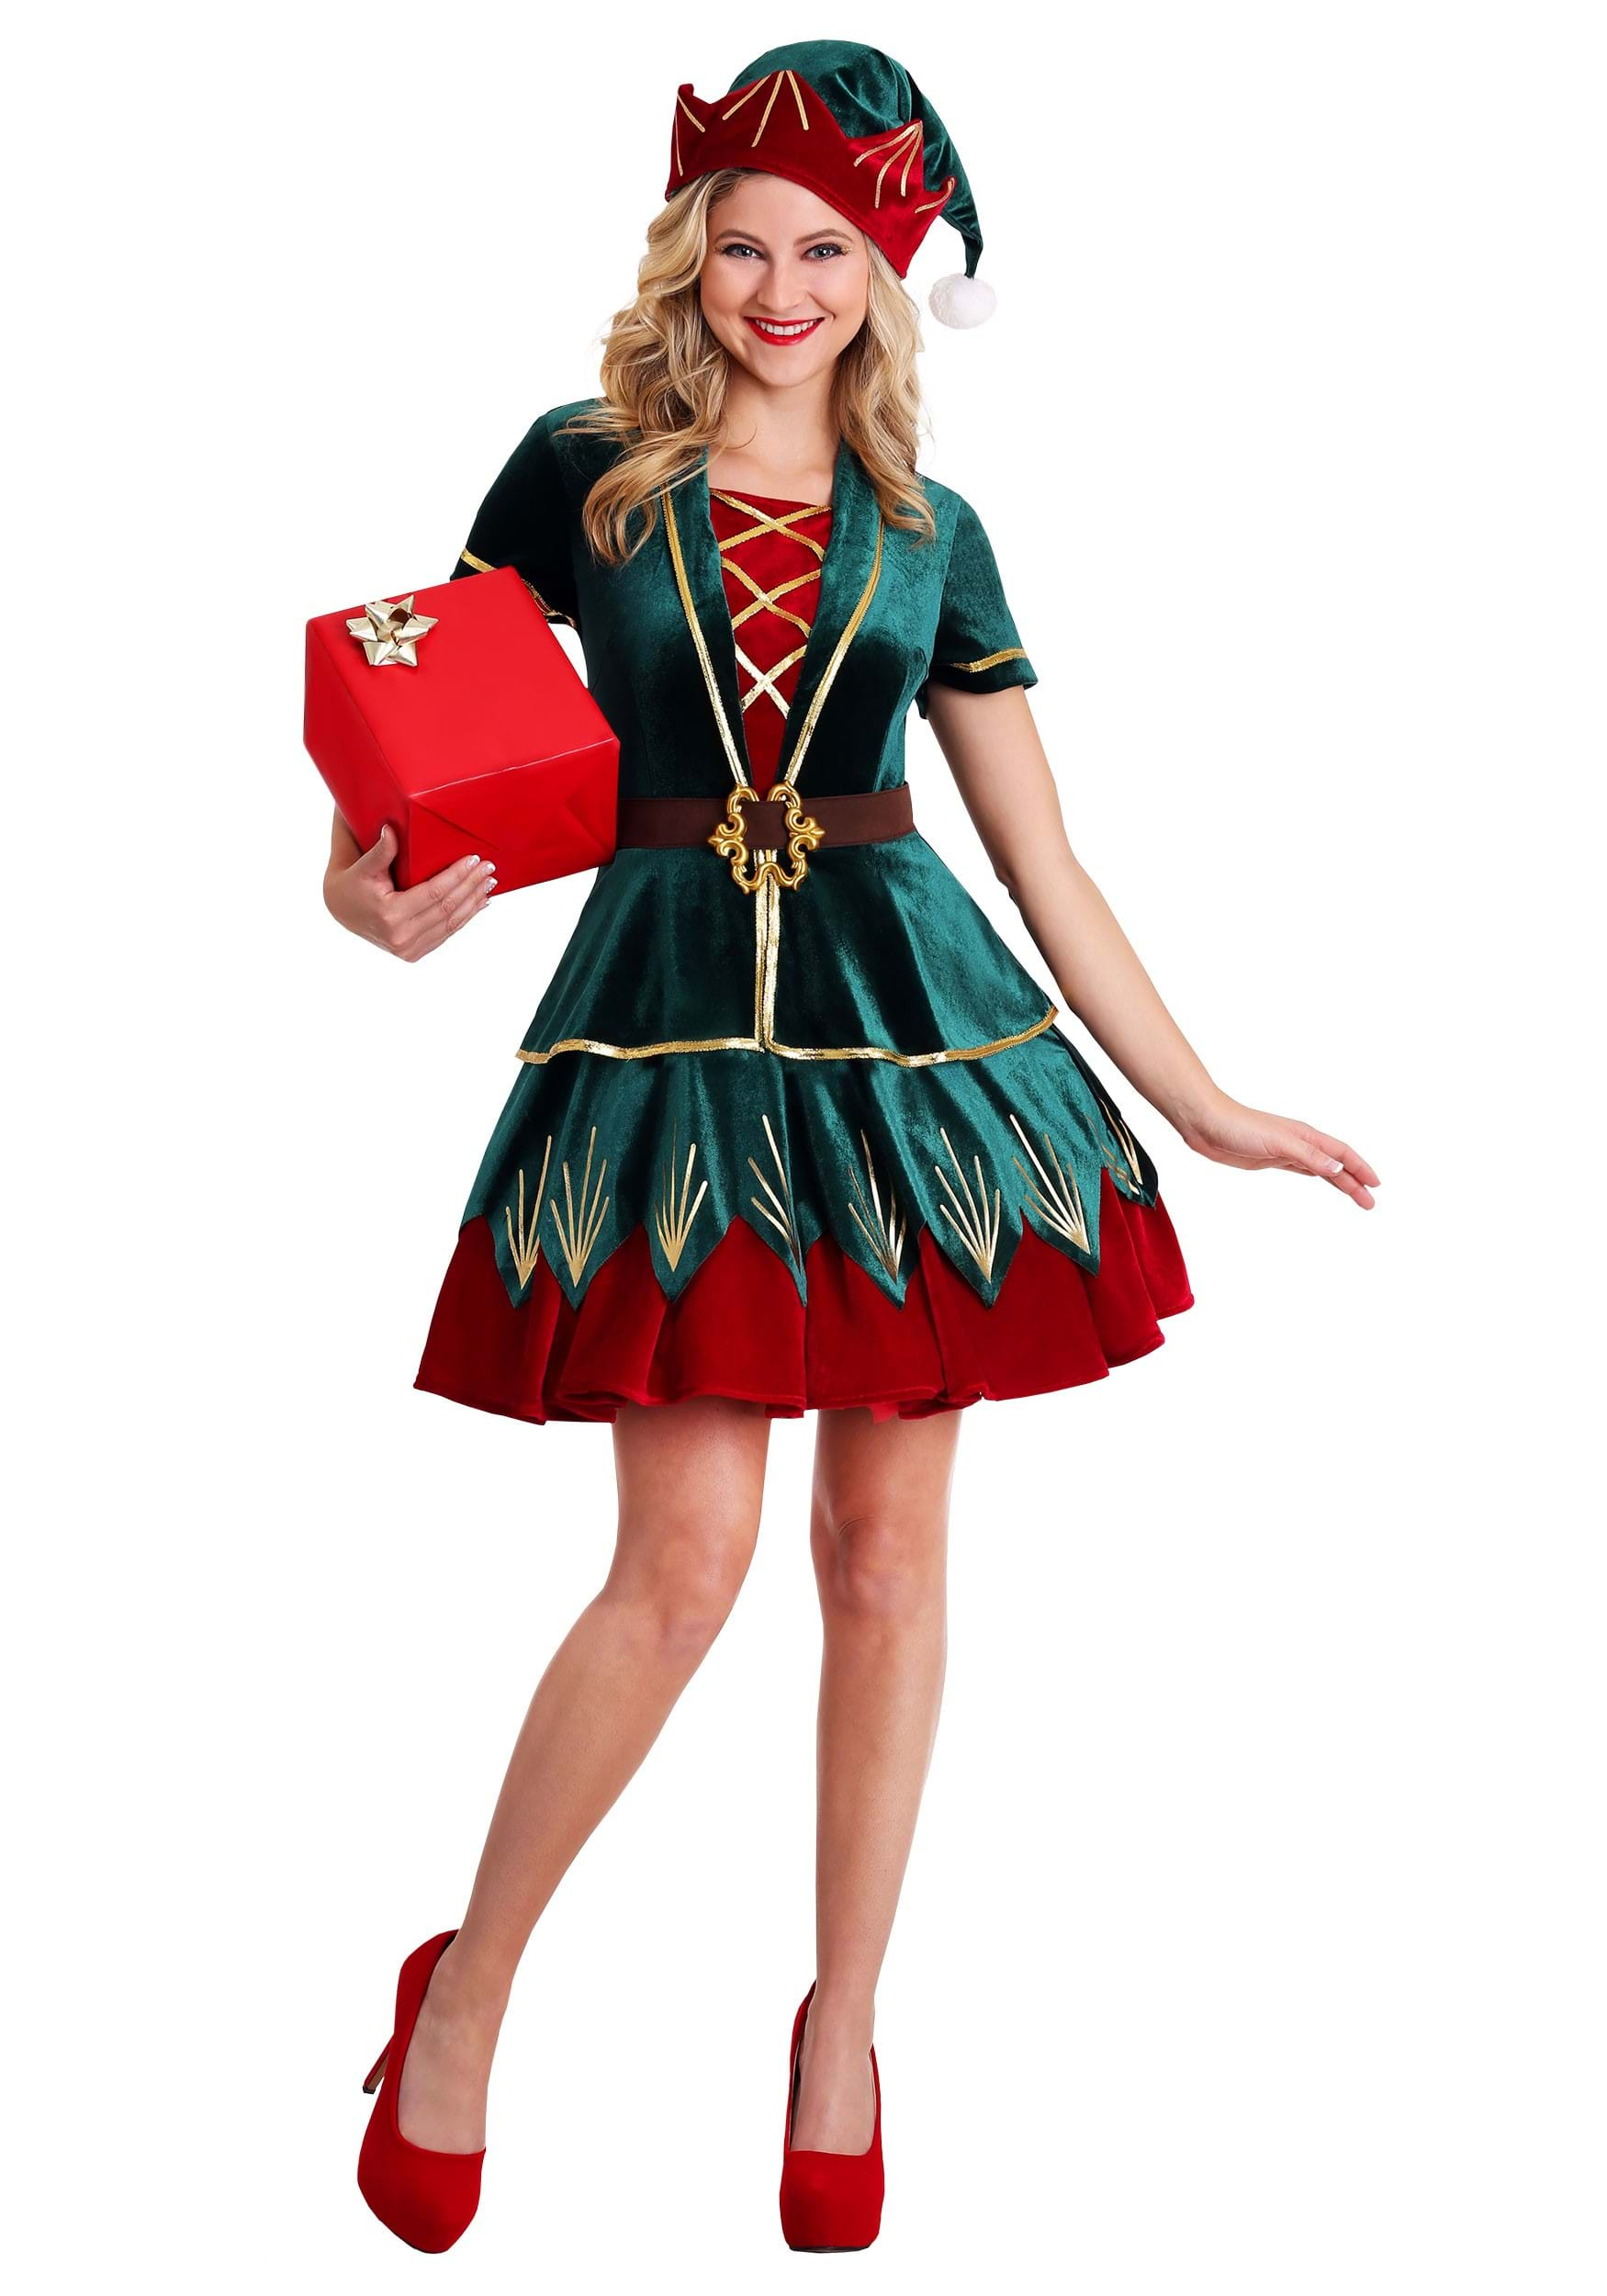 Women's_Deluxe_Elf_Costume